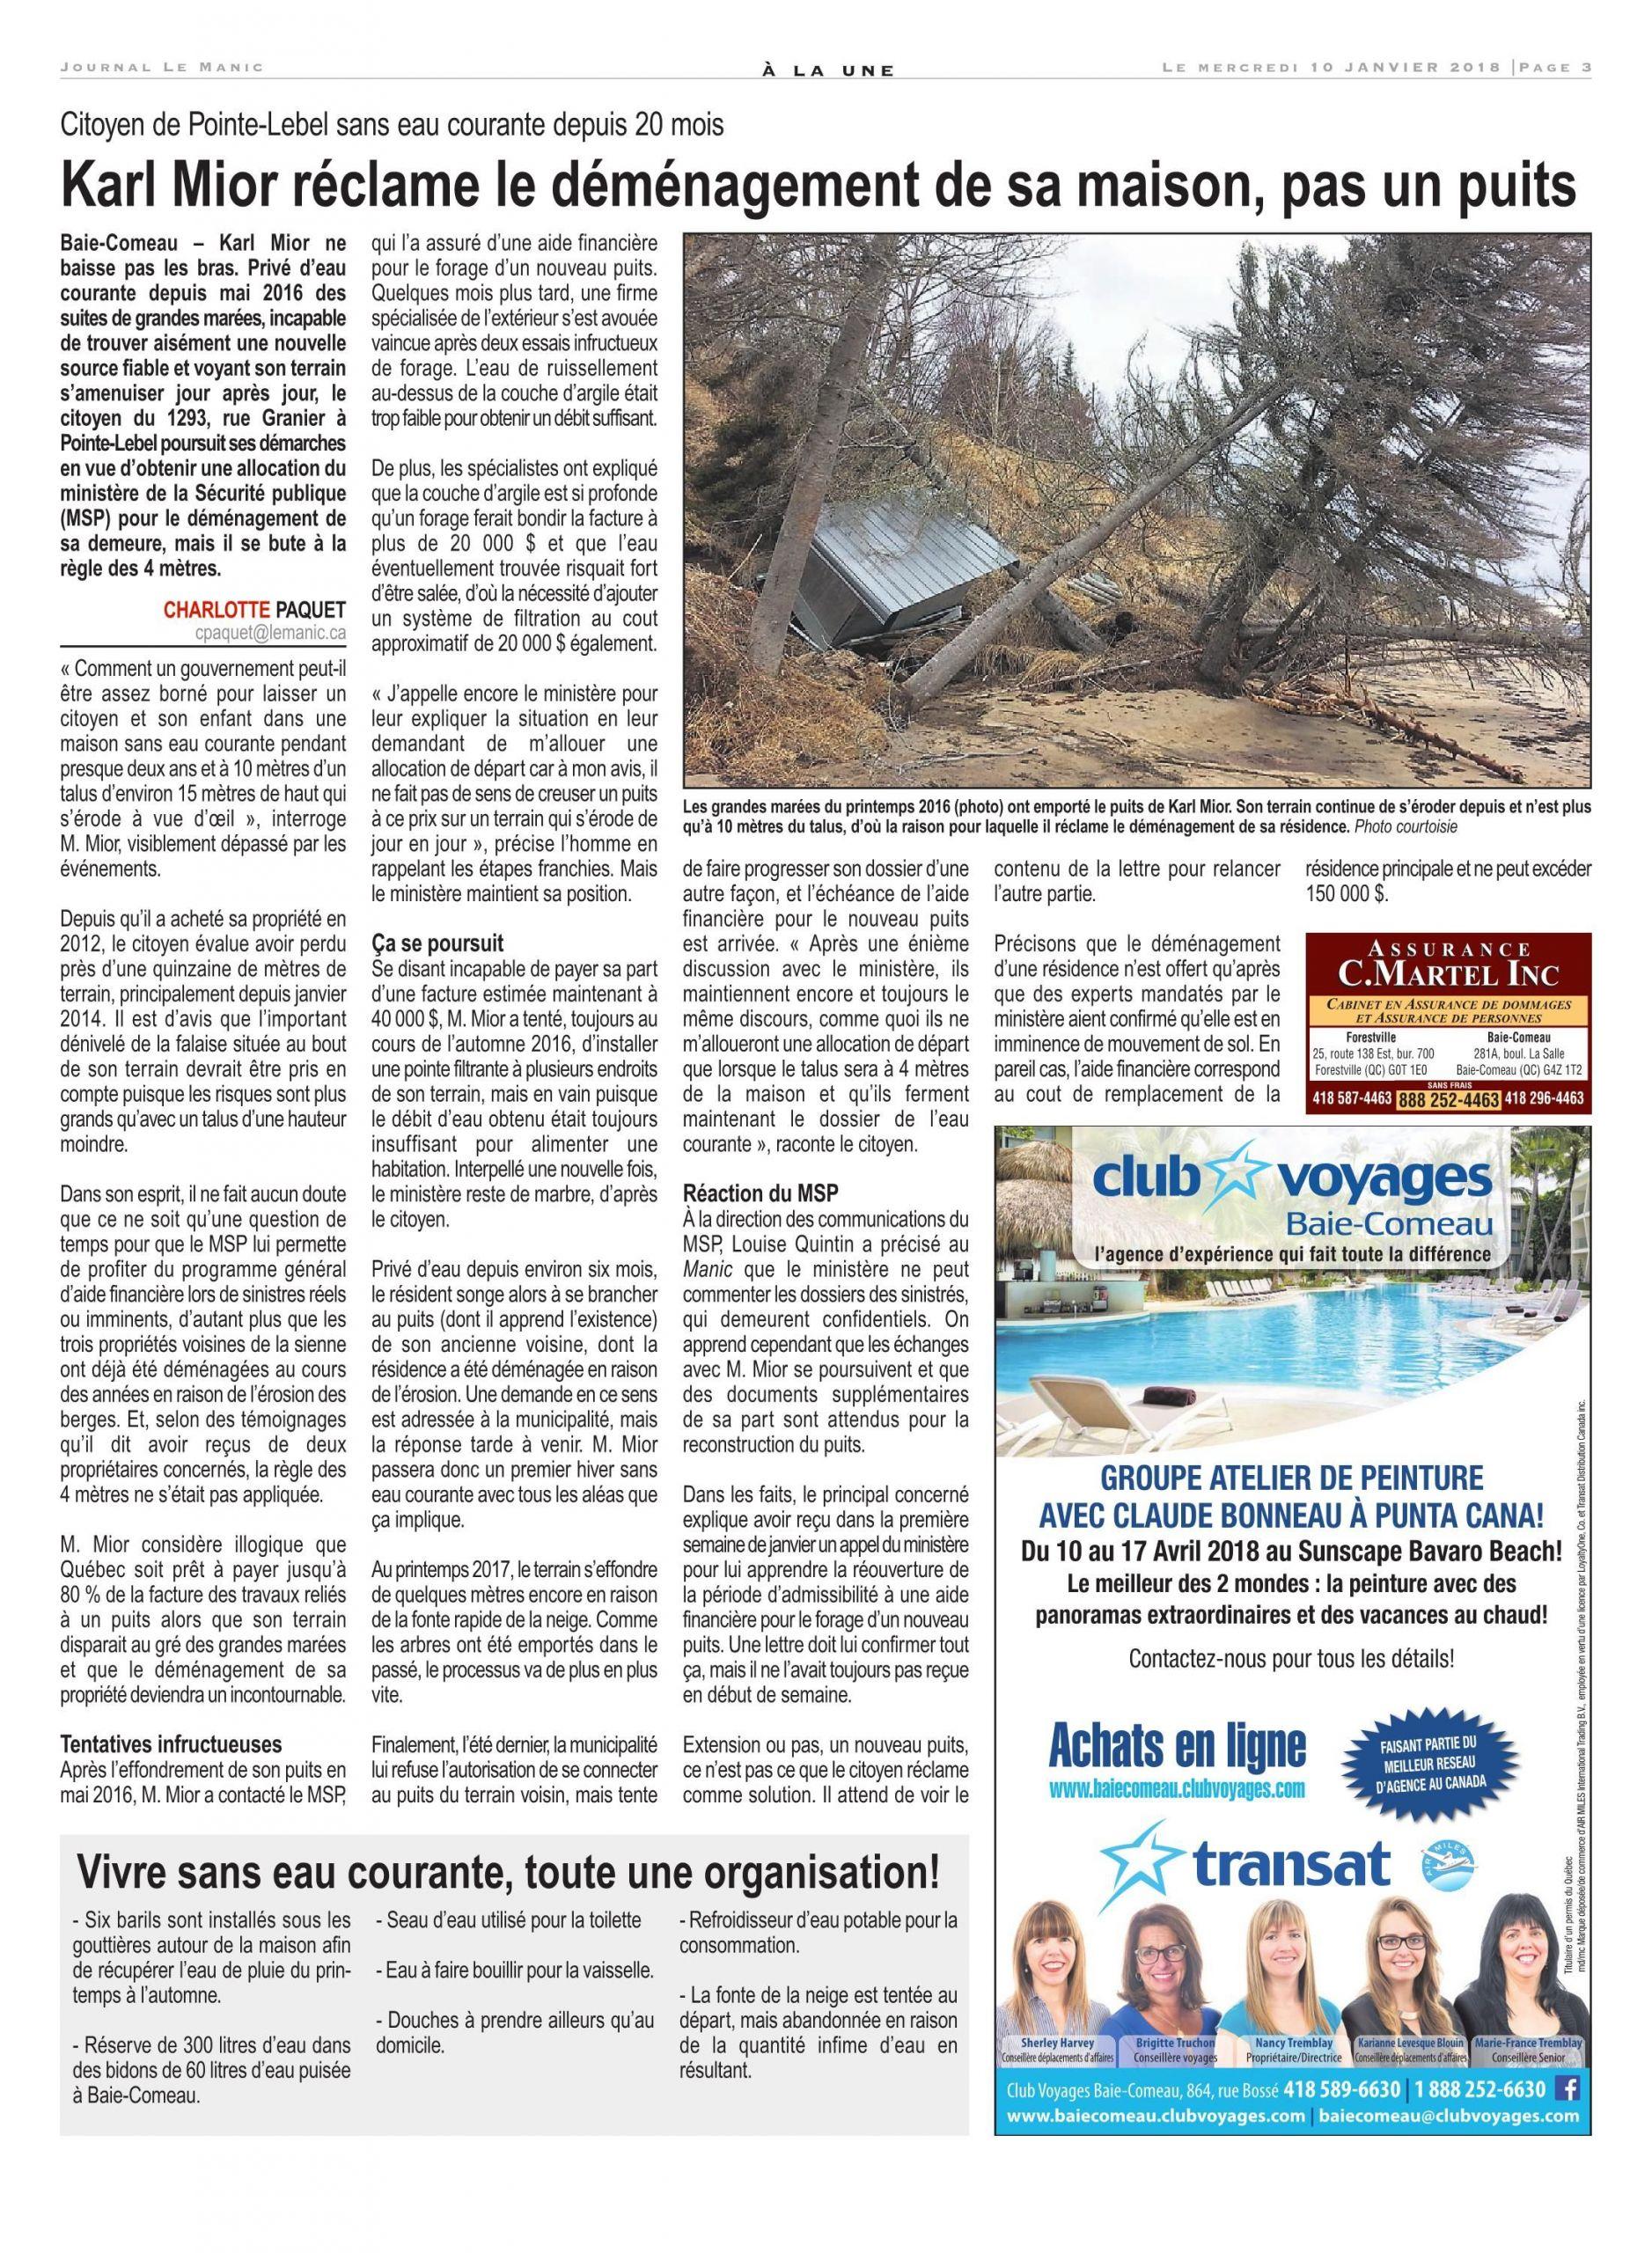 Jardin Autour Piscine Best Of Le Manic 10 Janvier 2018 Pages 1 32 Text Version Of 76 Élégant Jardin Autour Piscine